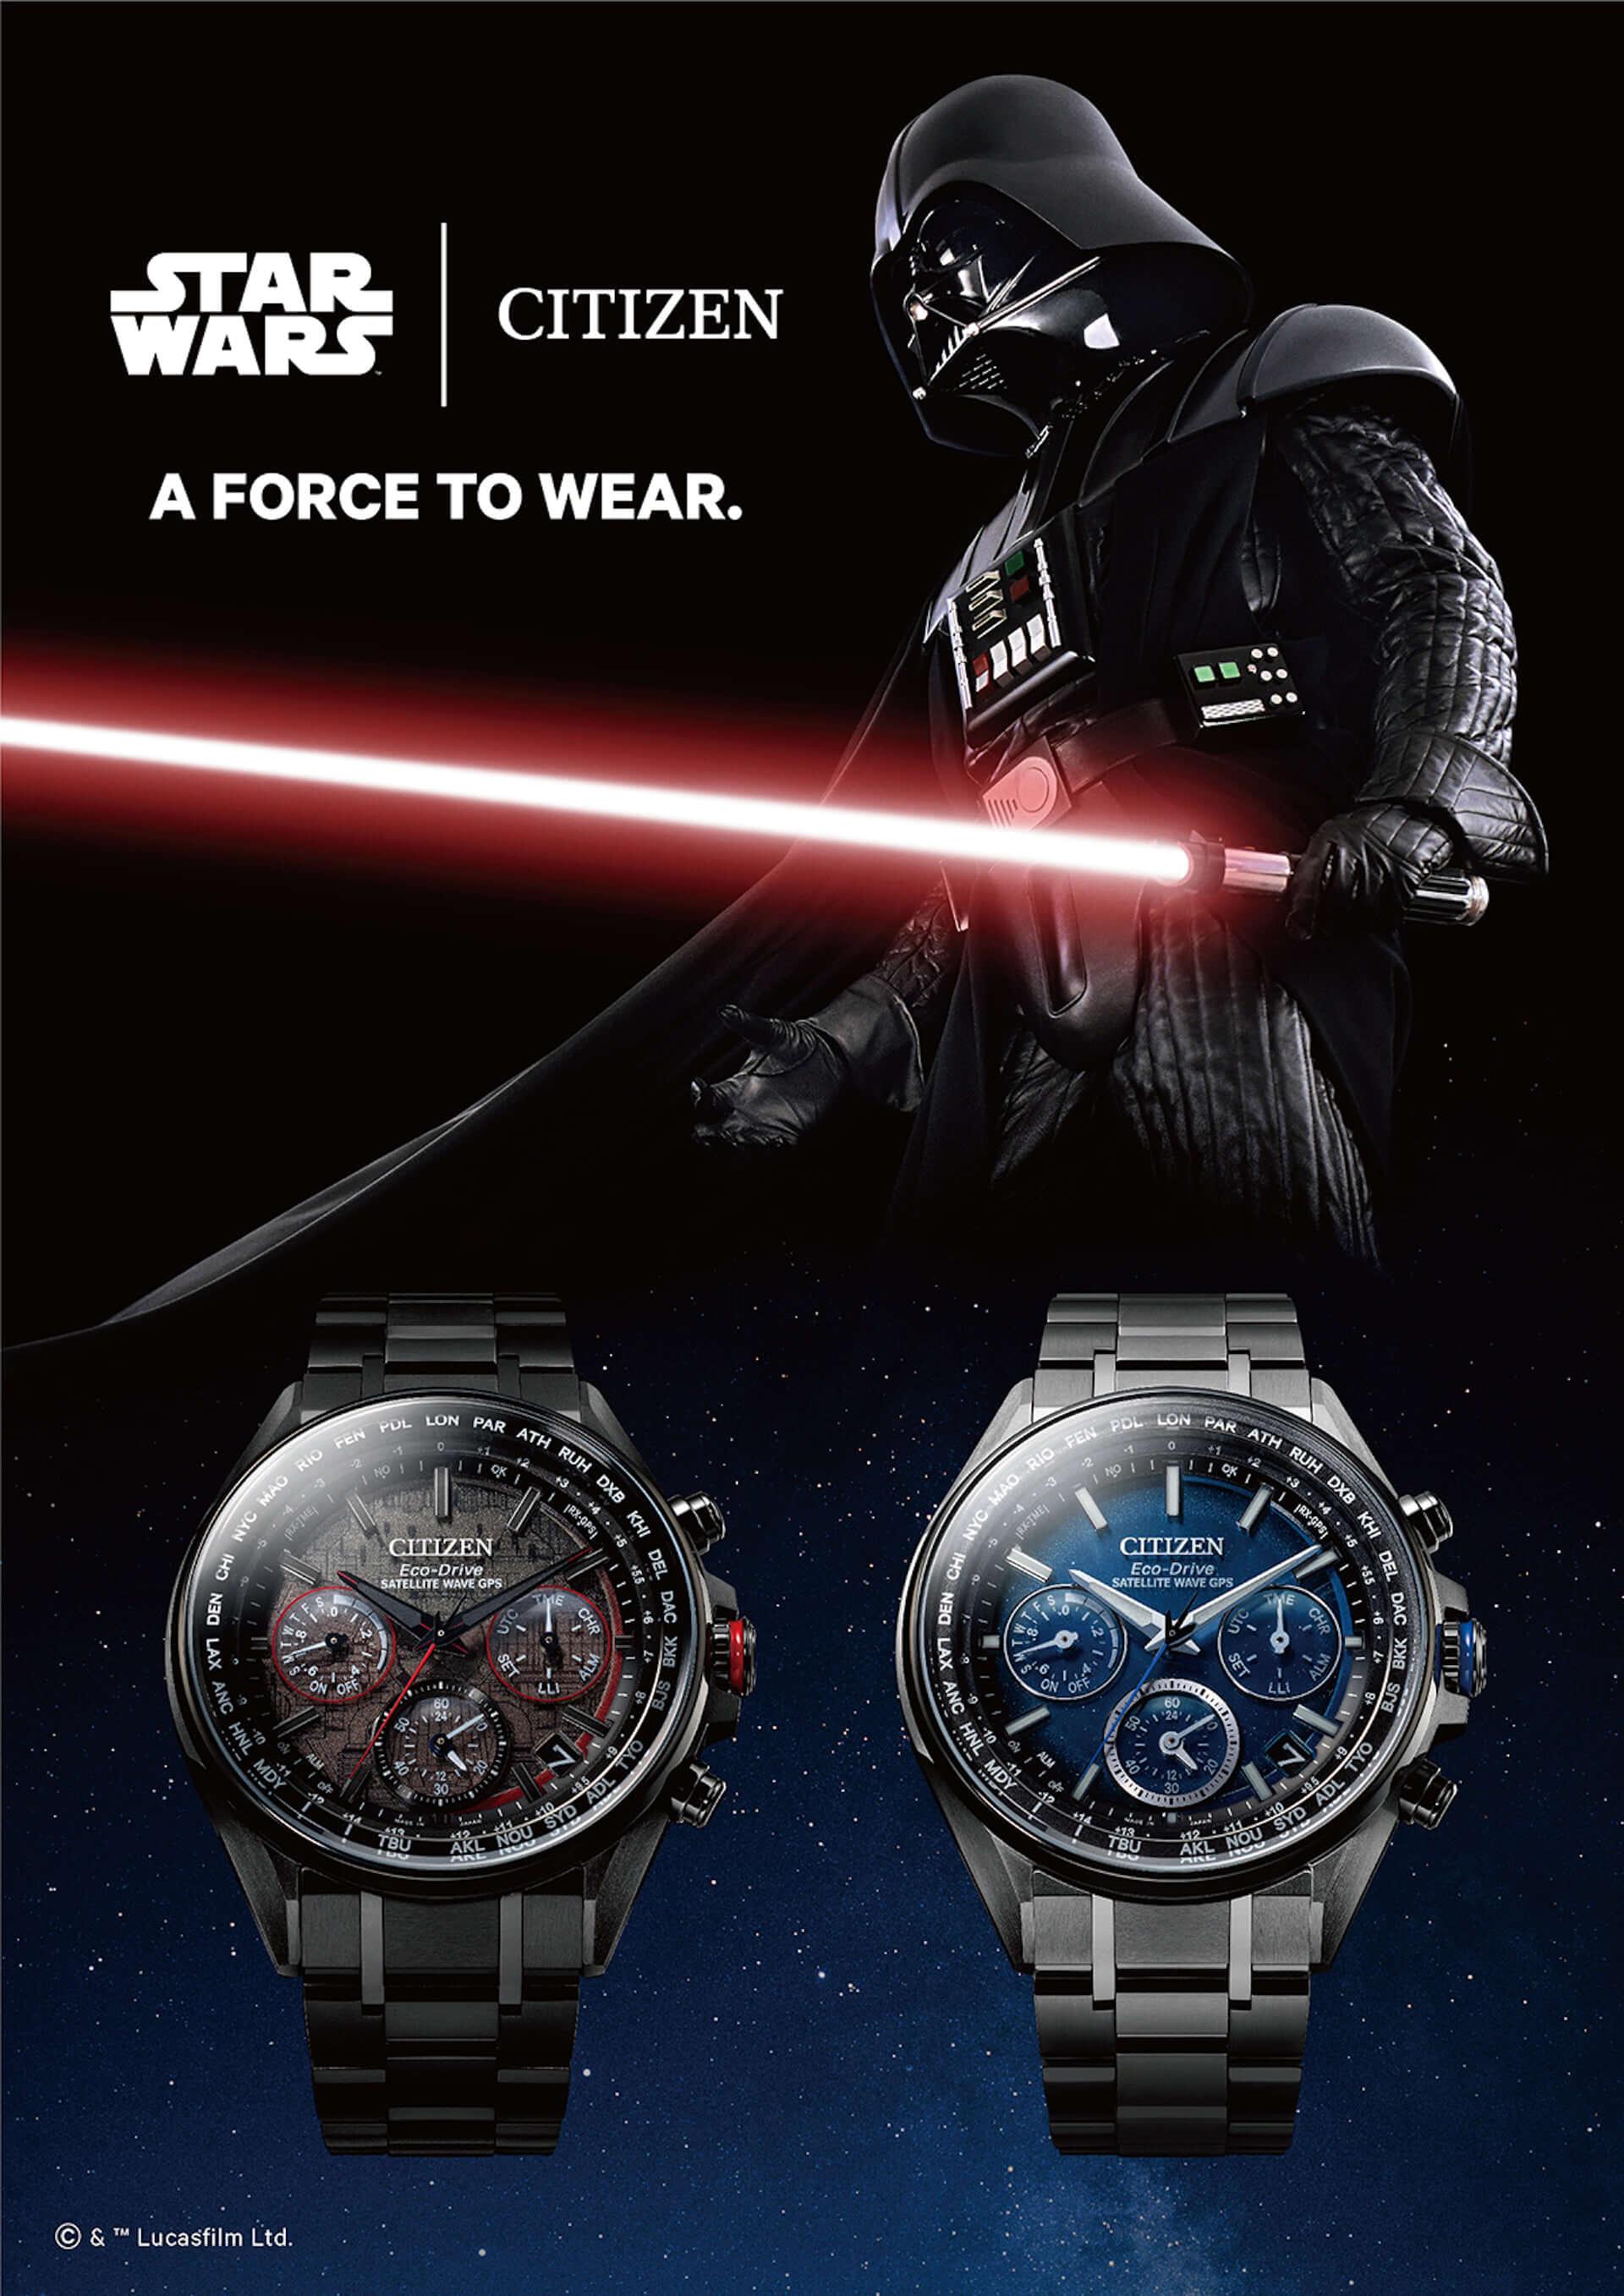 時計にフォースを......『CITIZEN ATTESA』スター・ウォーズ限定2モデルが登場! life190904_starwars_citizen_8-1920x2715